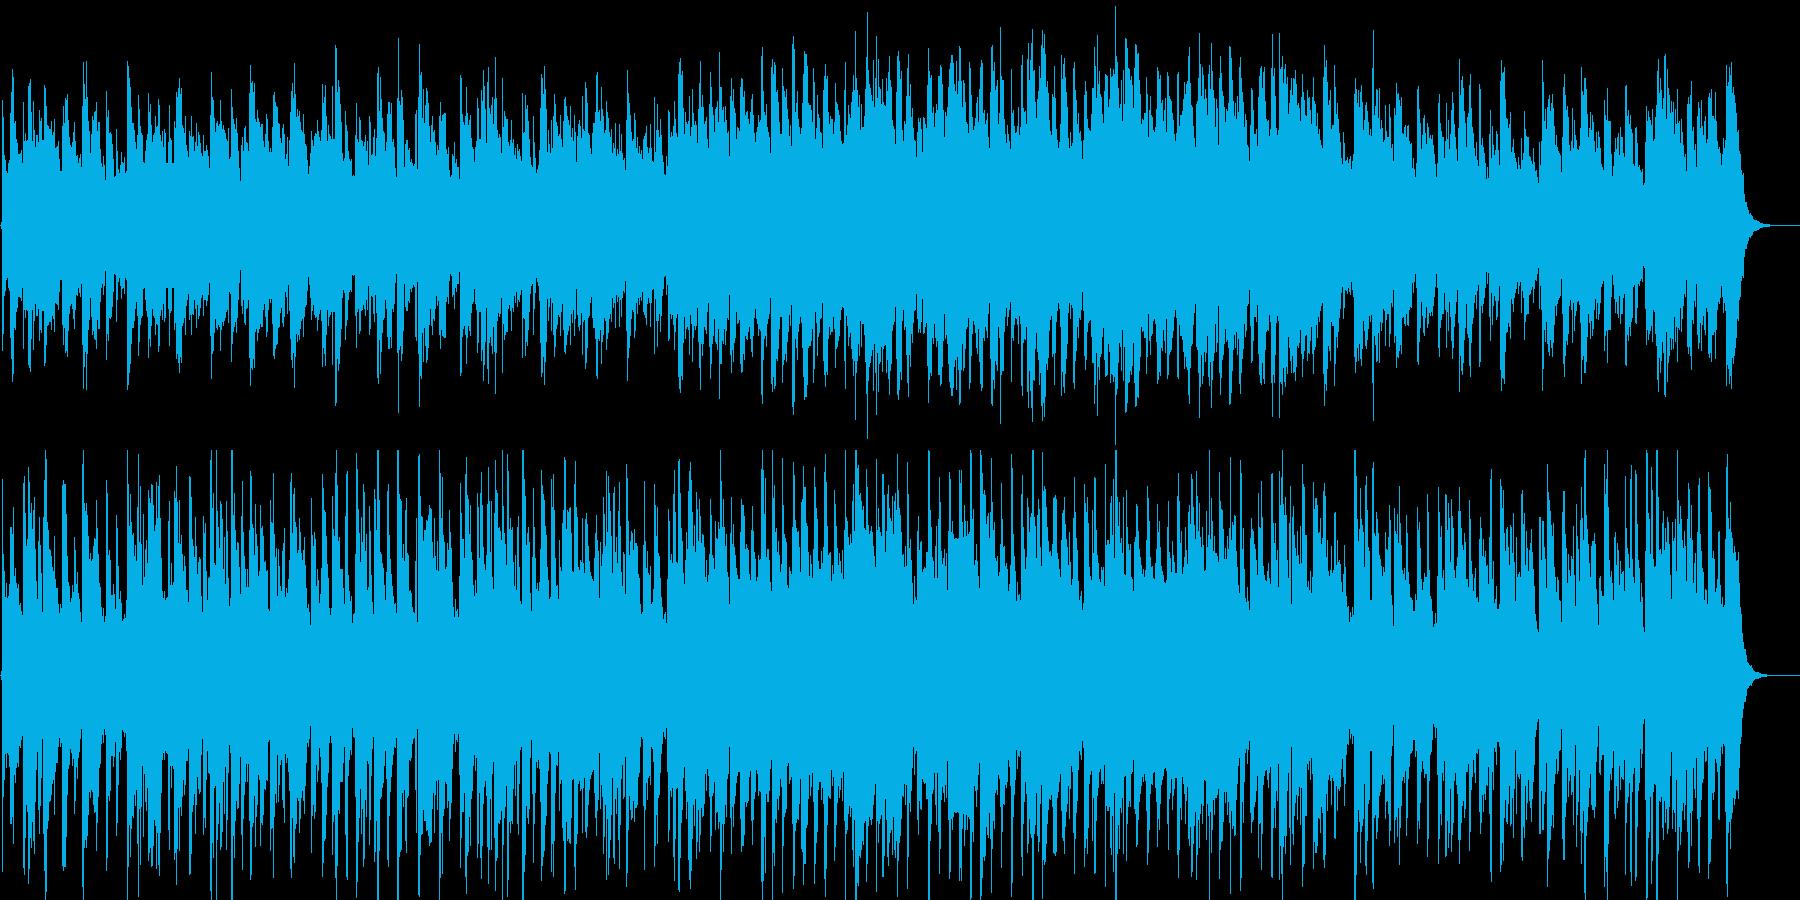 のんびりした雰囲気のおしゃれピアノジャズの再生済みの波形